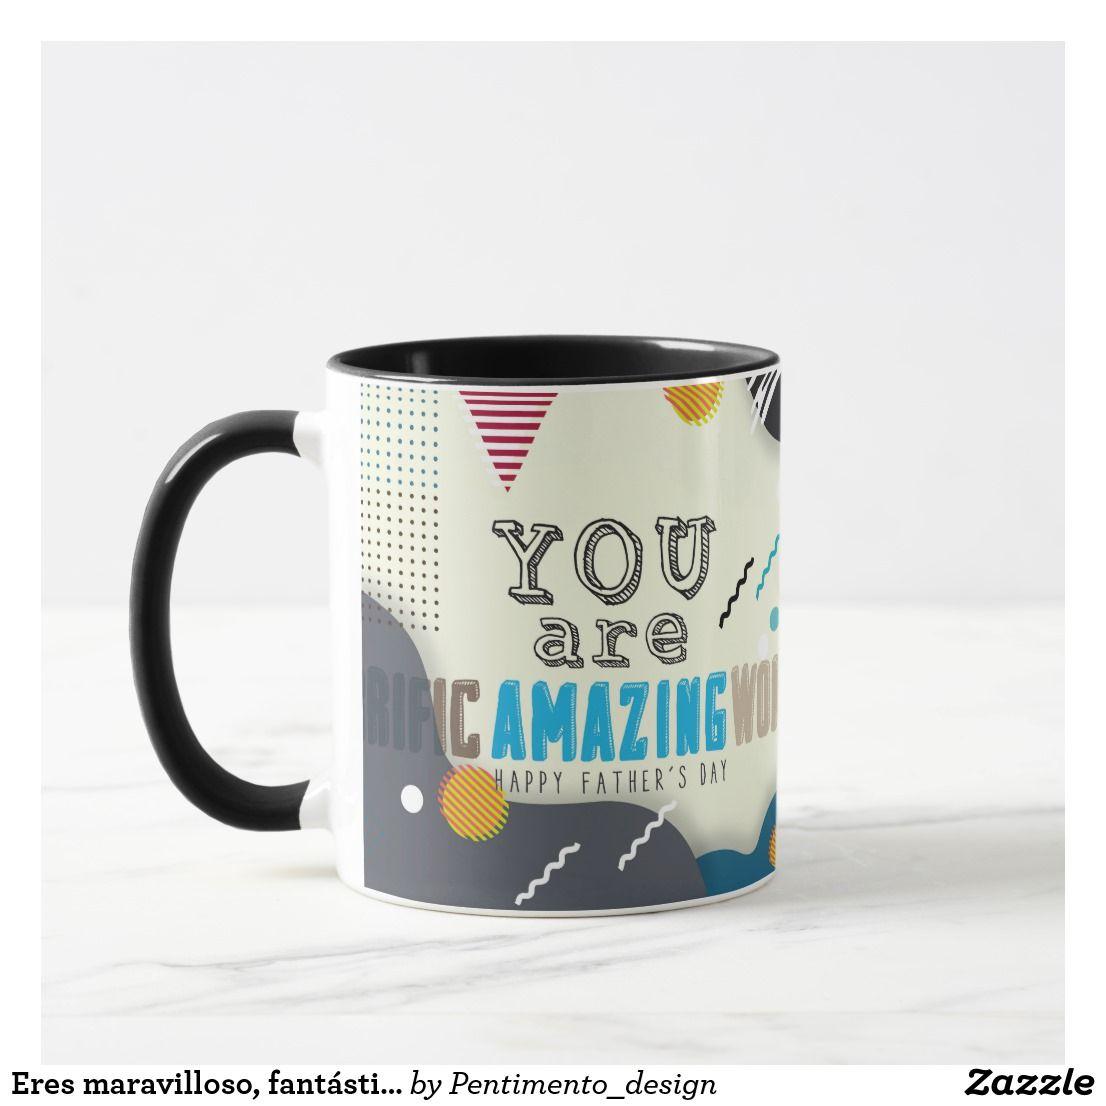 Taza Eres maravilloso, fantástico, feliz día del padre | Zazzle.com